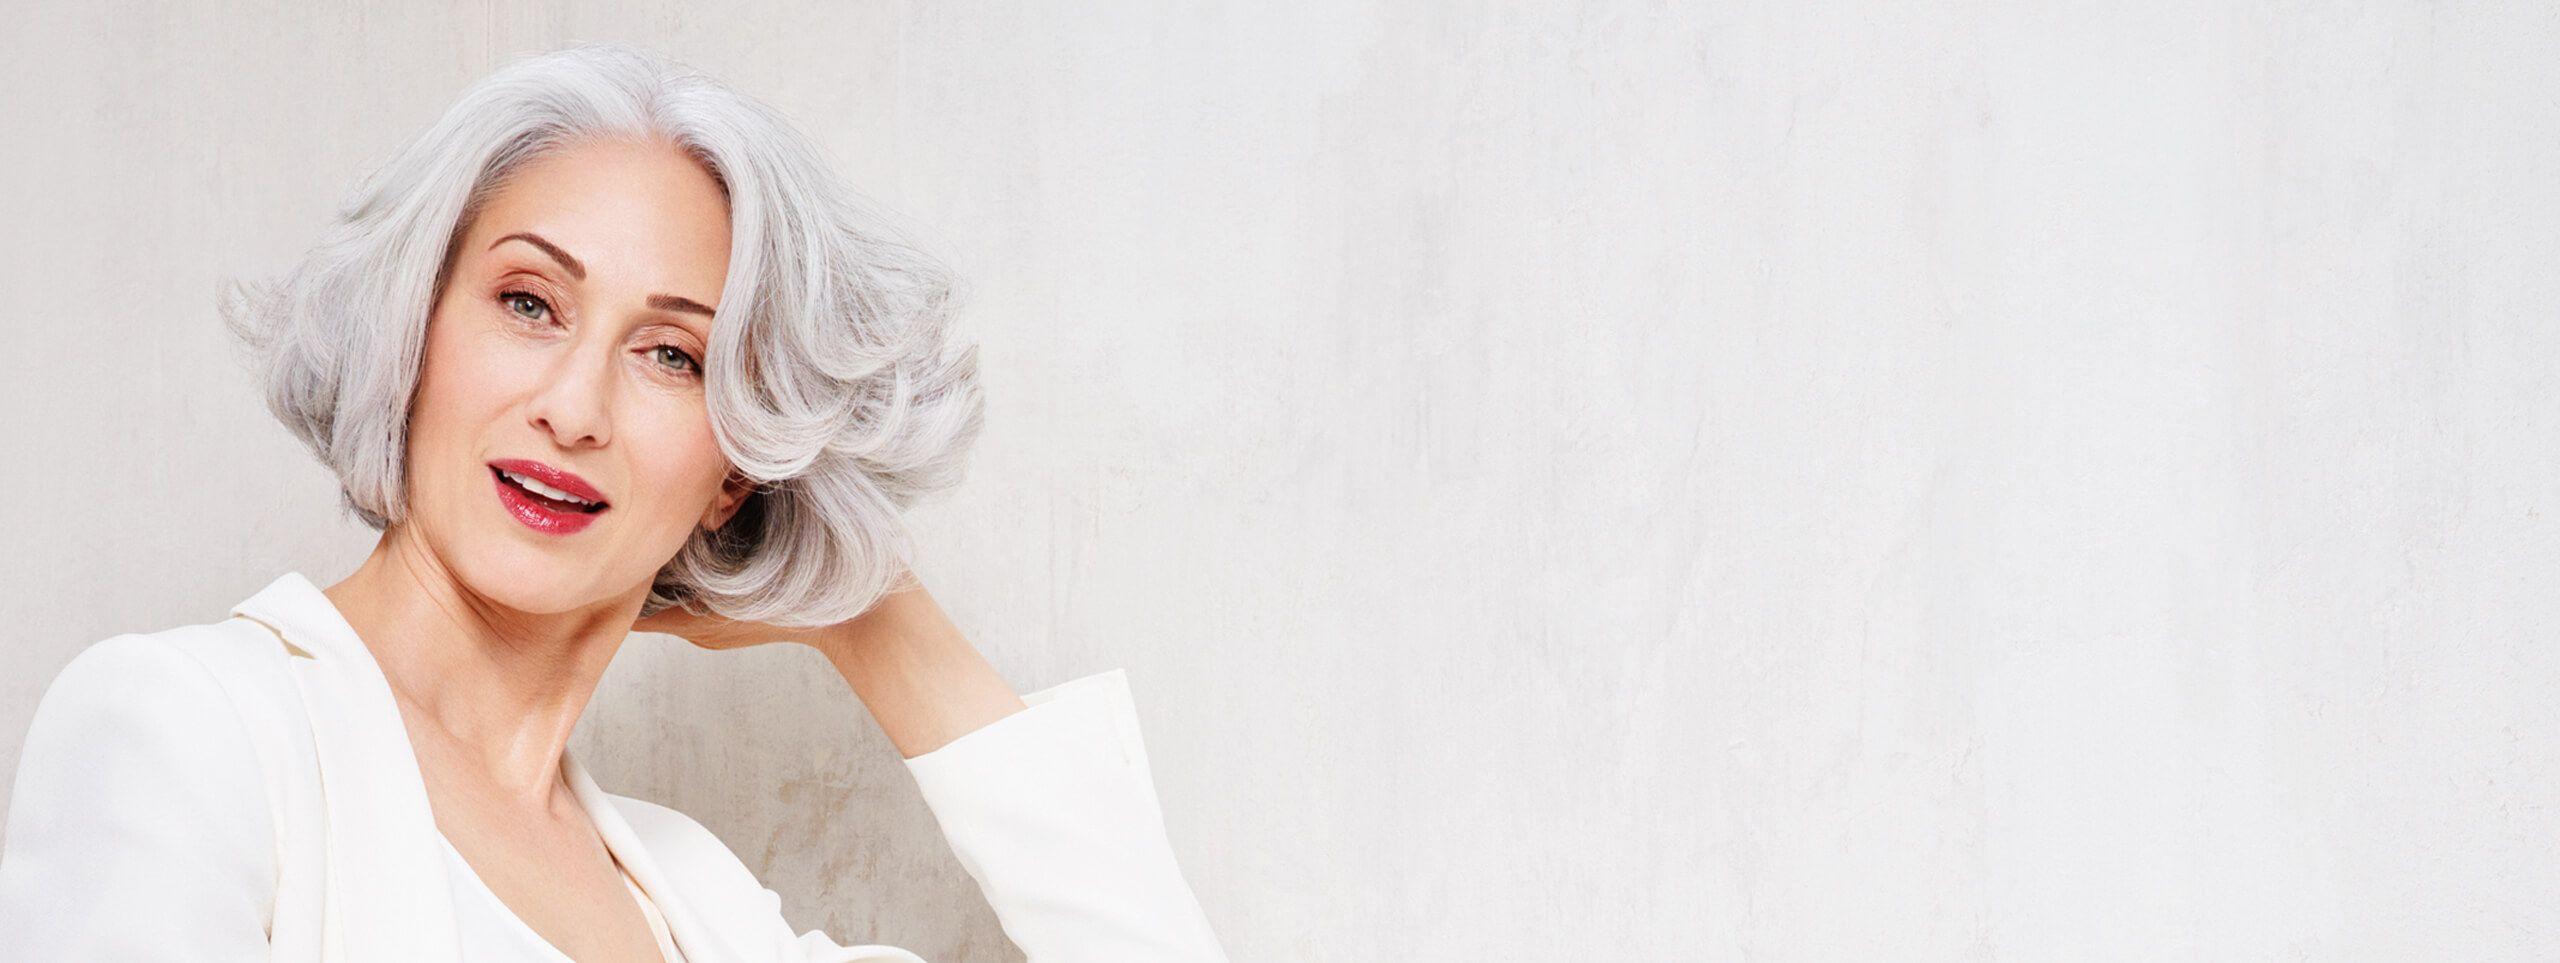 Starsza kobieta z siwym bobem